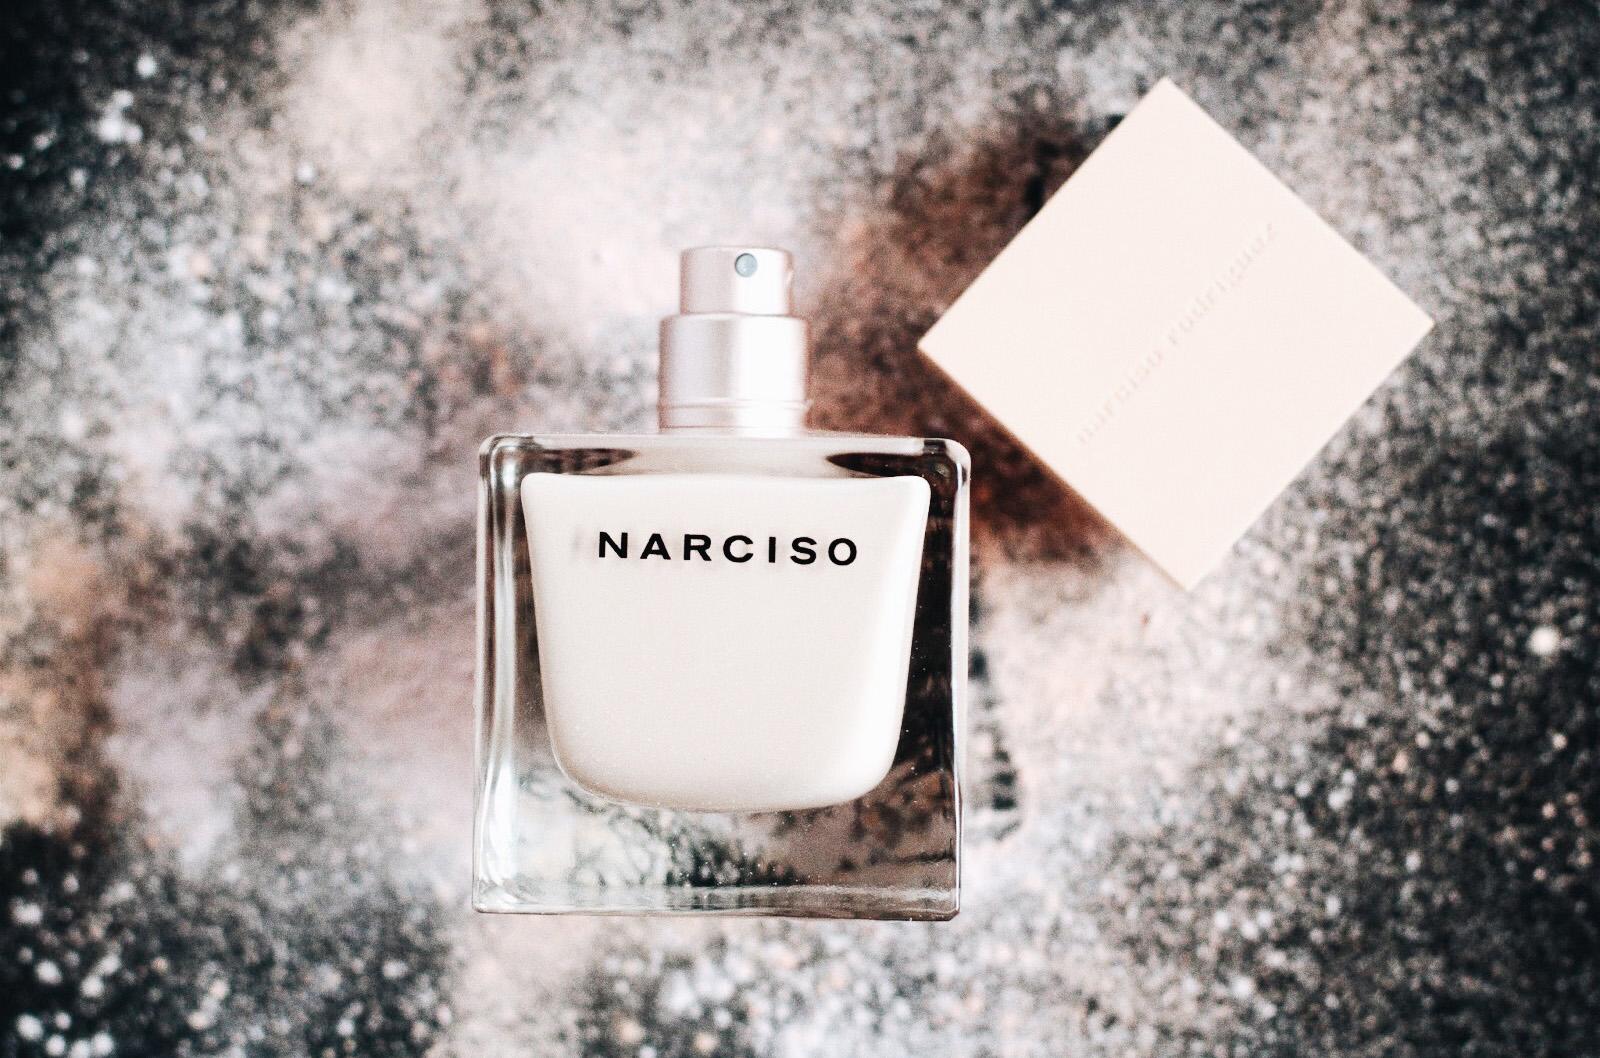 narciso narciso rodriguez poudré parfum avis test